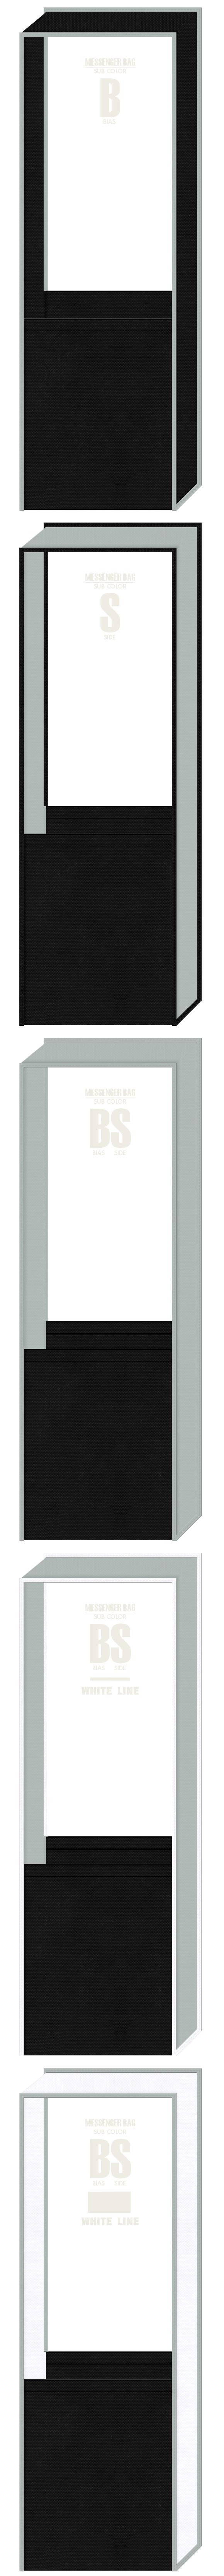 不織布メッセンジャーバッグのカラーシミュレーション(黒色・グレー色・白色):金属・機械・自動車・工業・工具のイメージにお奨めです。